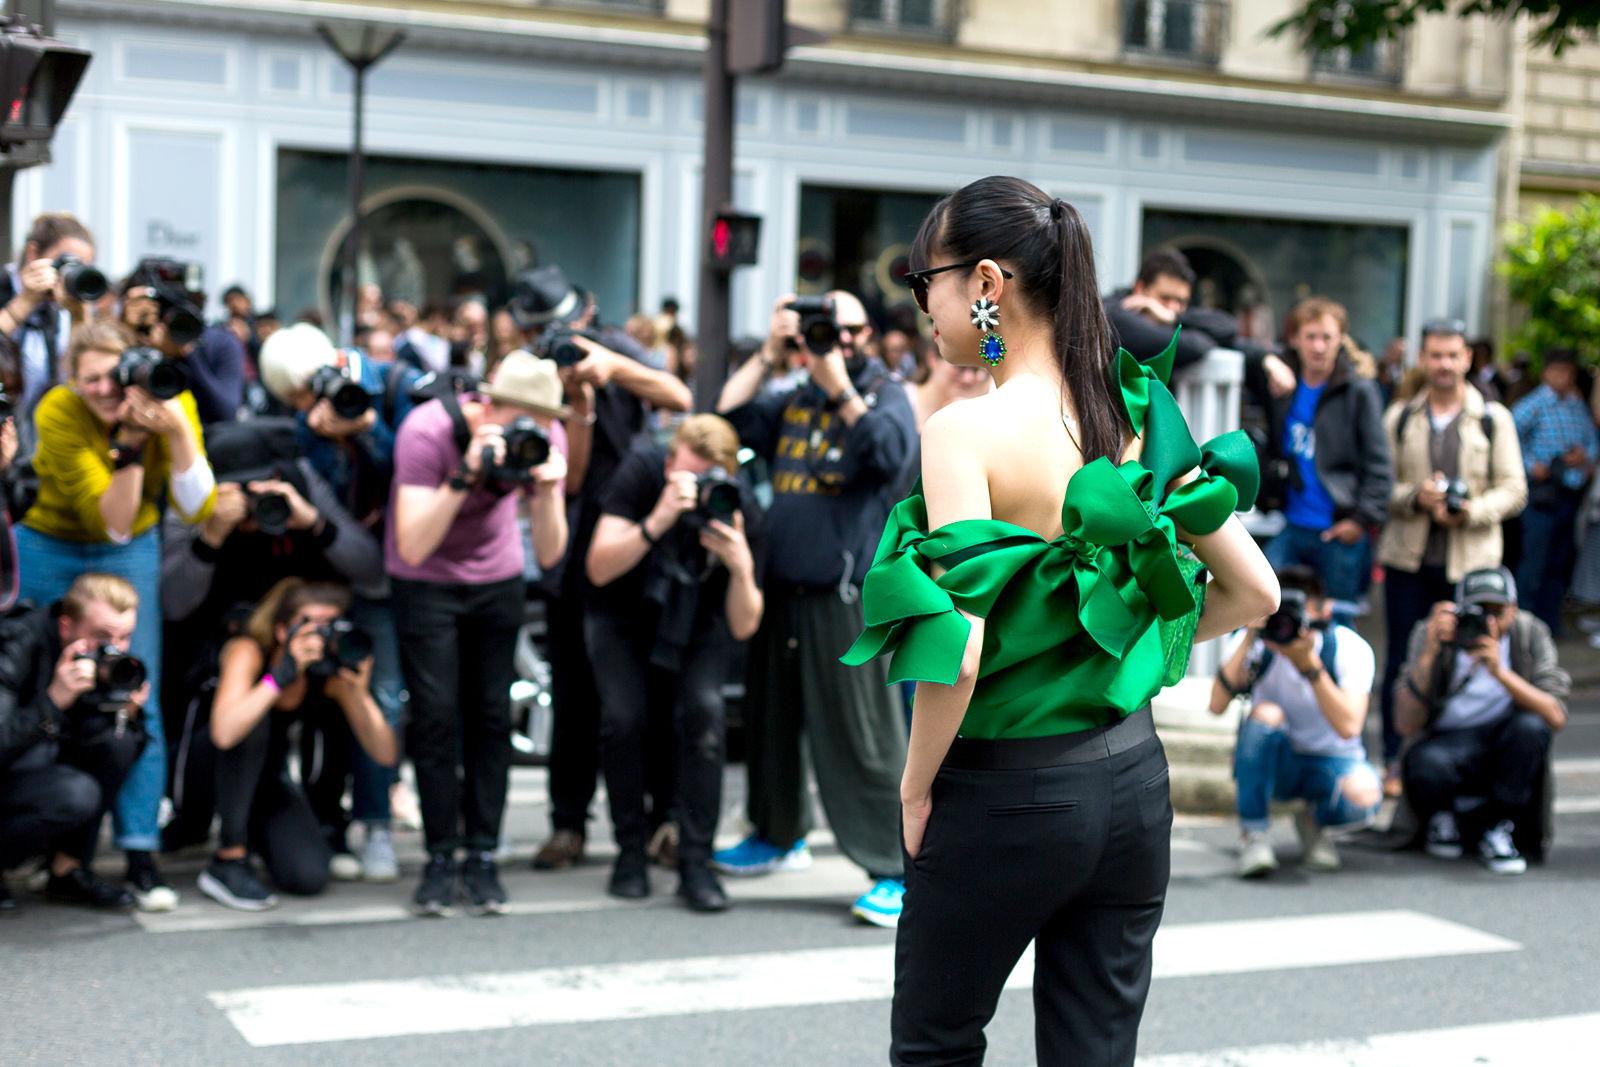 medium ponytails hairstyles 2017 Couture Paris